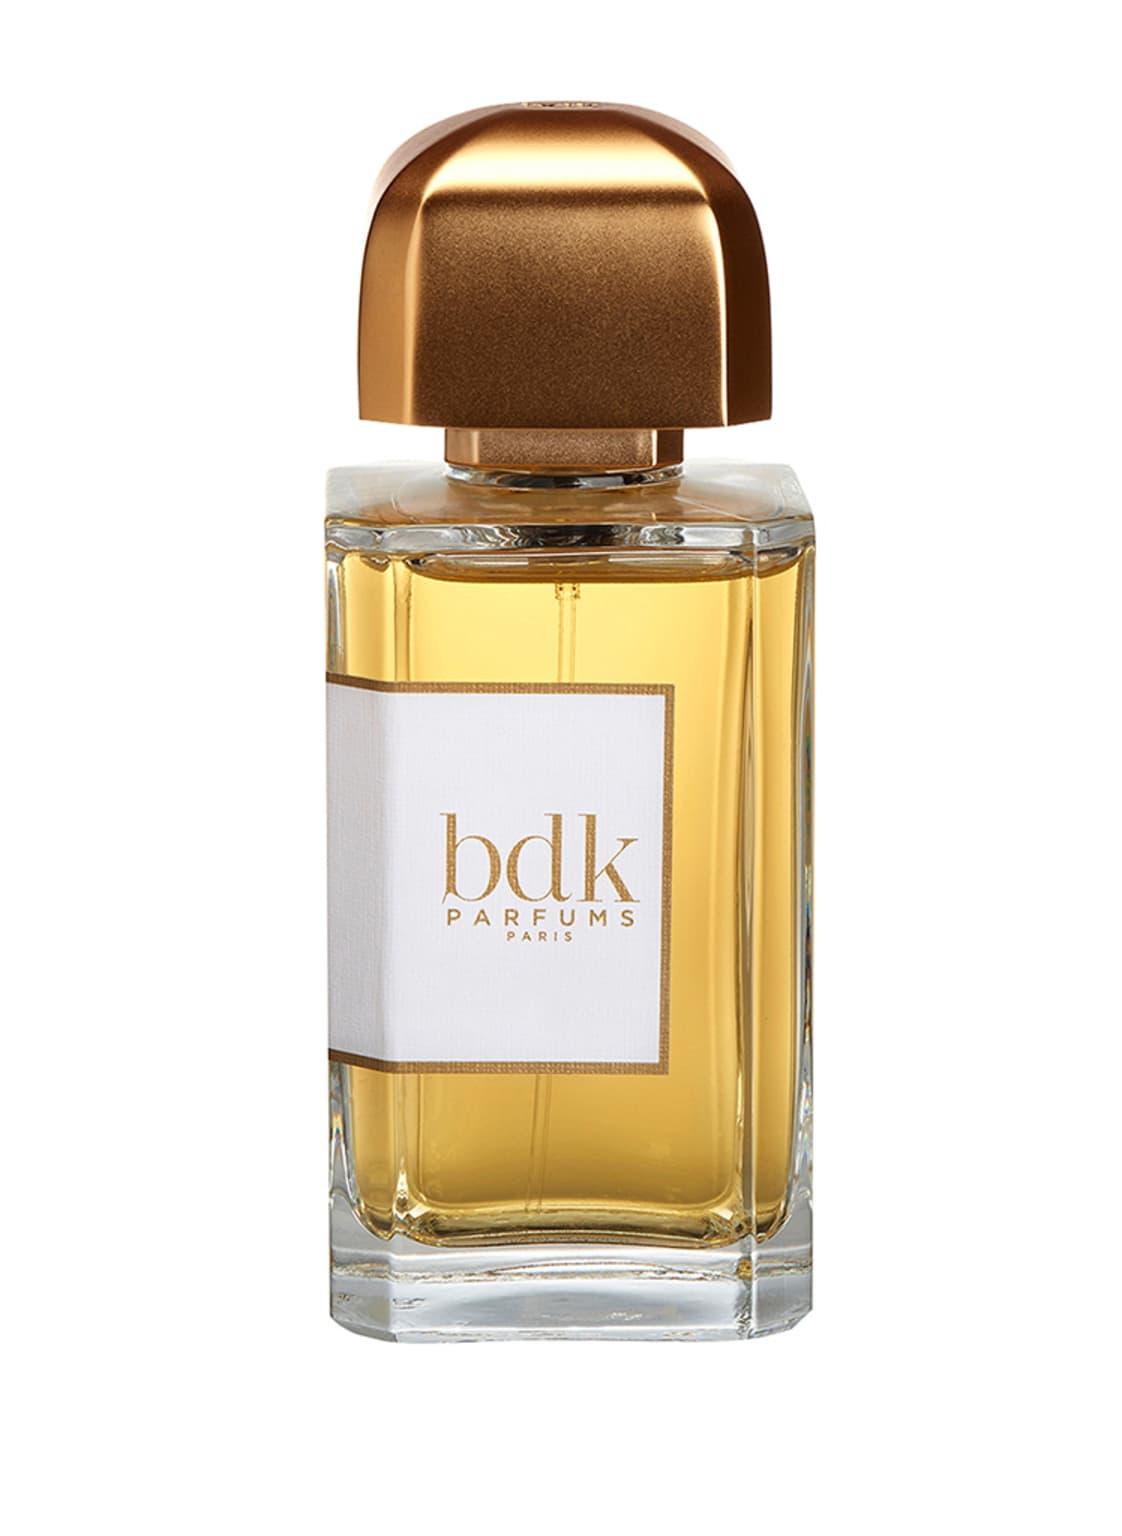 Image of Bdk Parfums Oud Abramad Eau de Parfum 100 ml